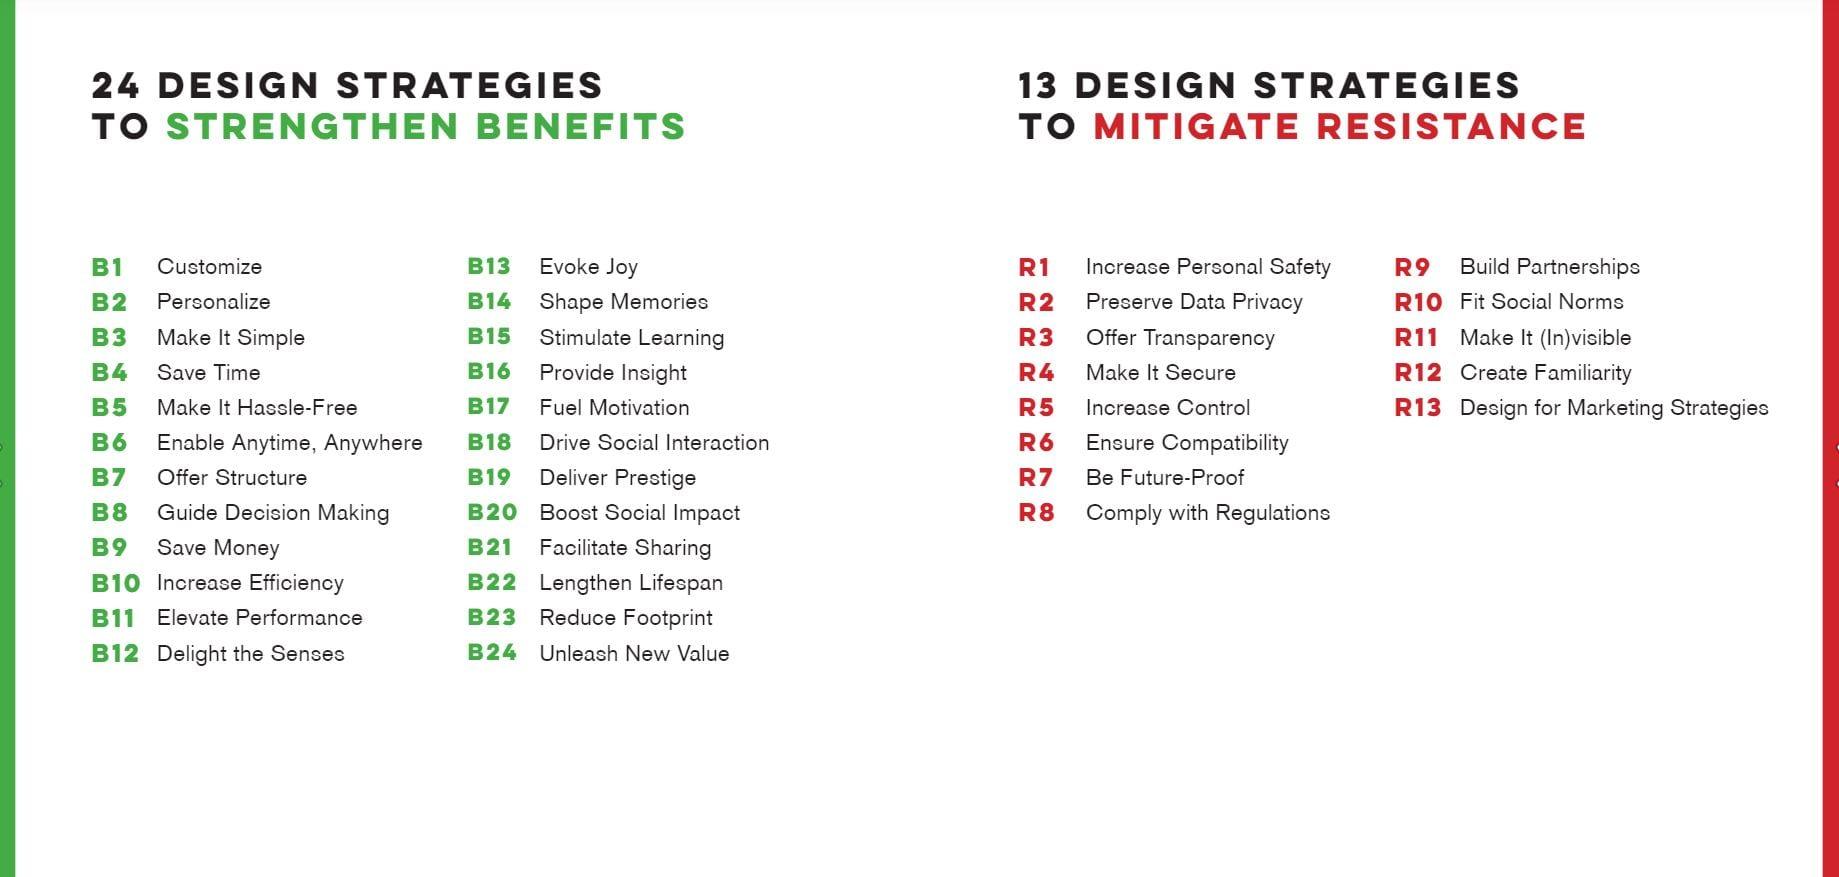 design - strategies - voordelen versterken en weerstand overwinnen